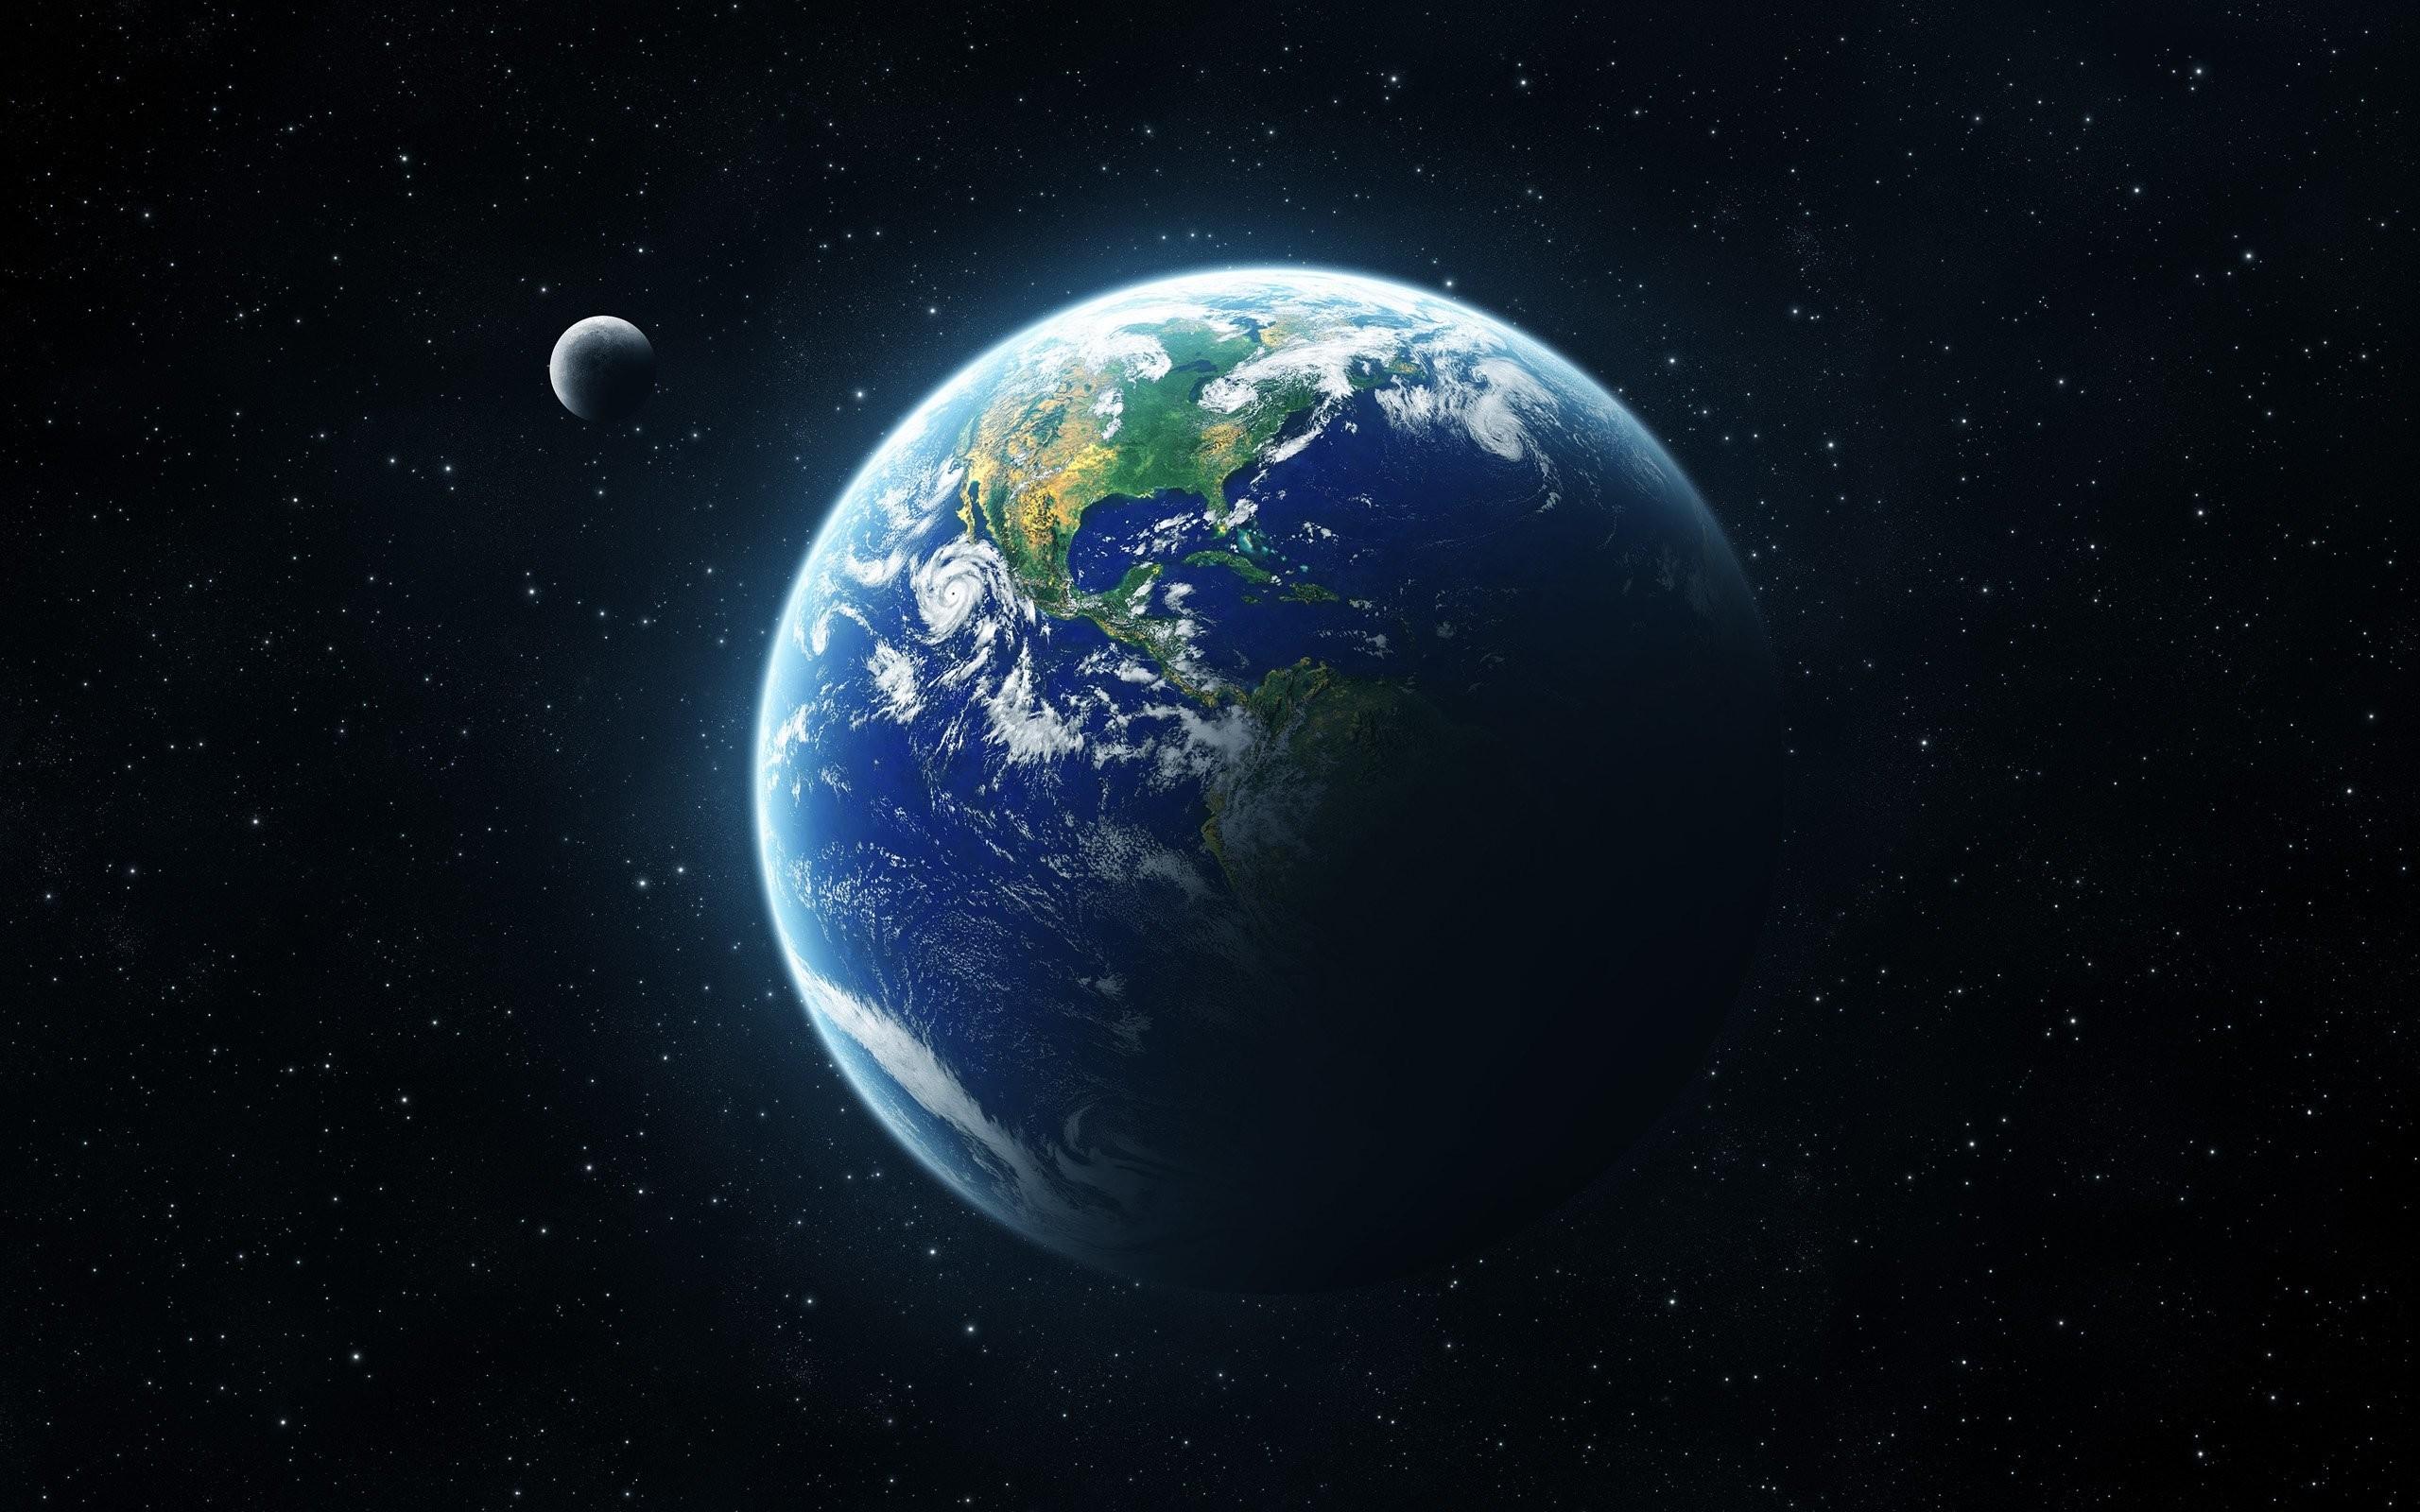 Original Iphone Earth Wallpaper